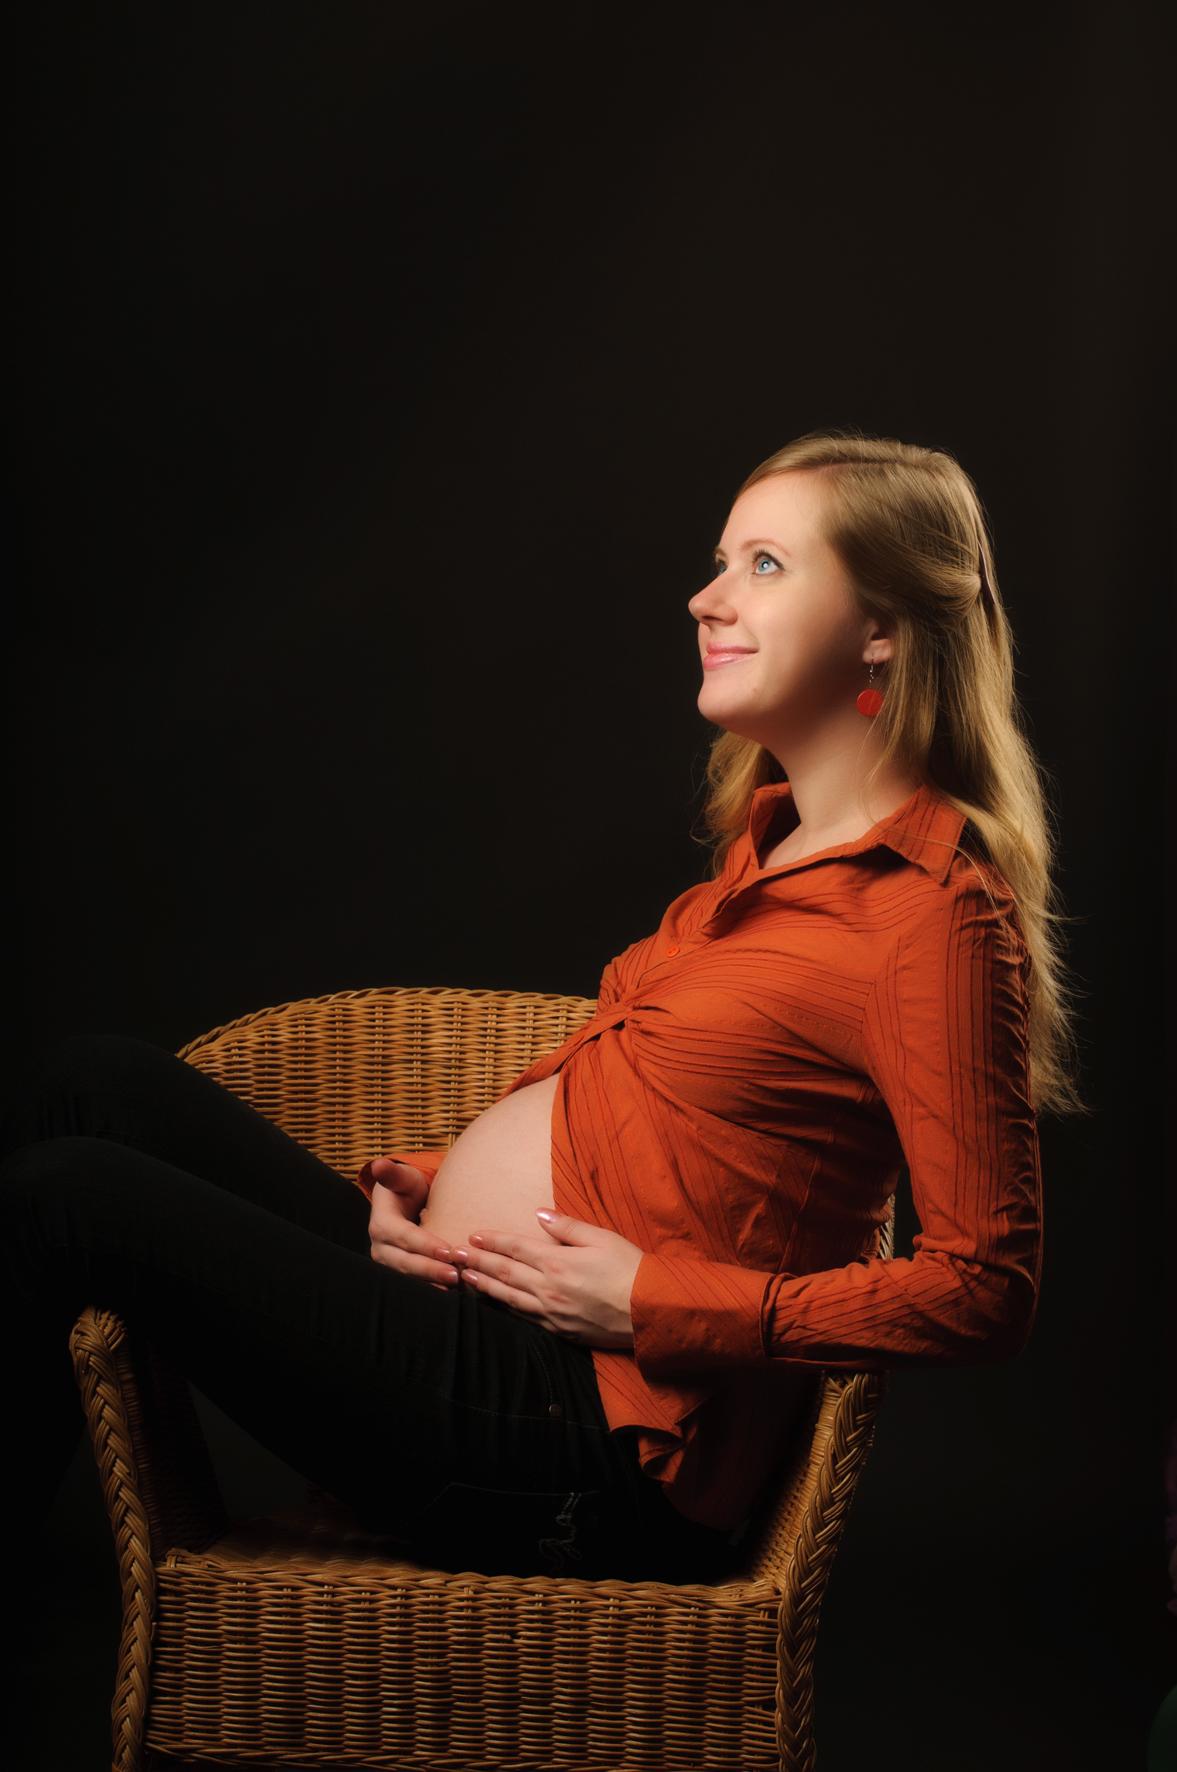 Оранжевое Настроение. Закрытое голосование фотоконкурса 'Стильная беременность'